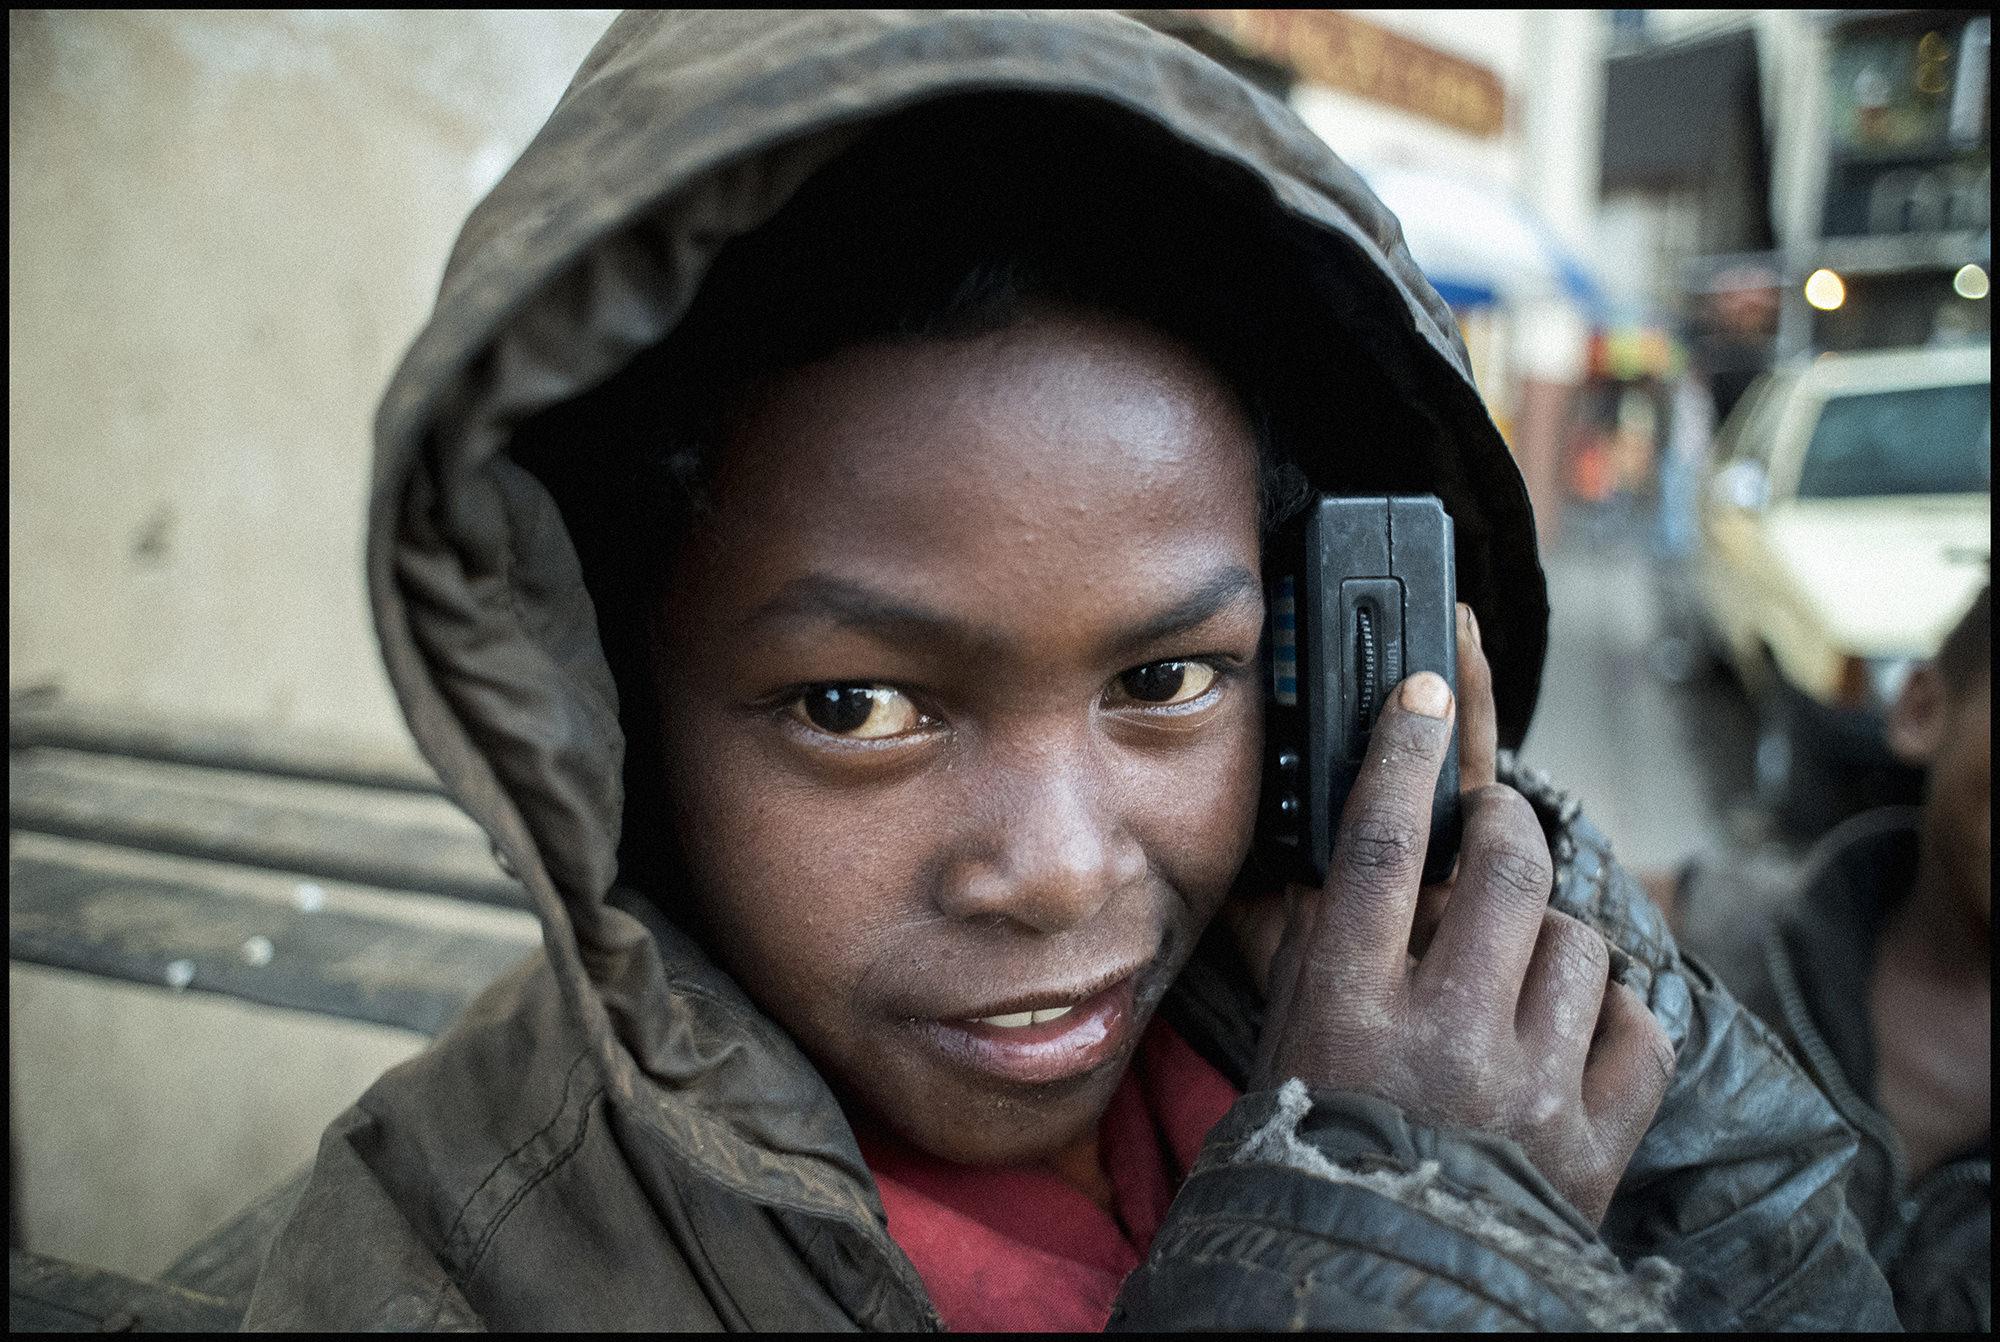 Digital Patrik Wallner Antananarivo Tuned In LOWQ 2000P